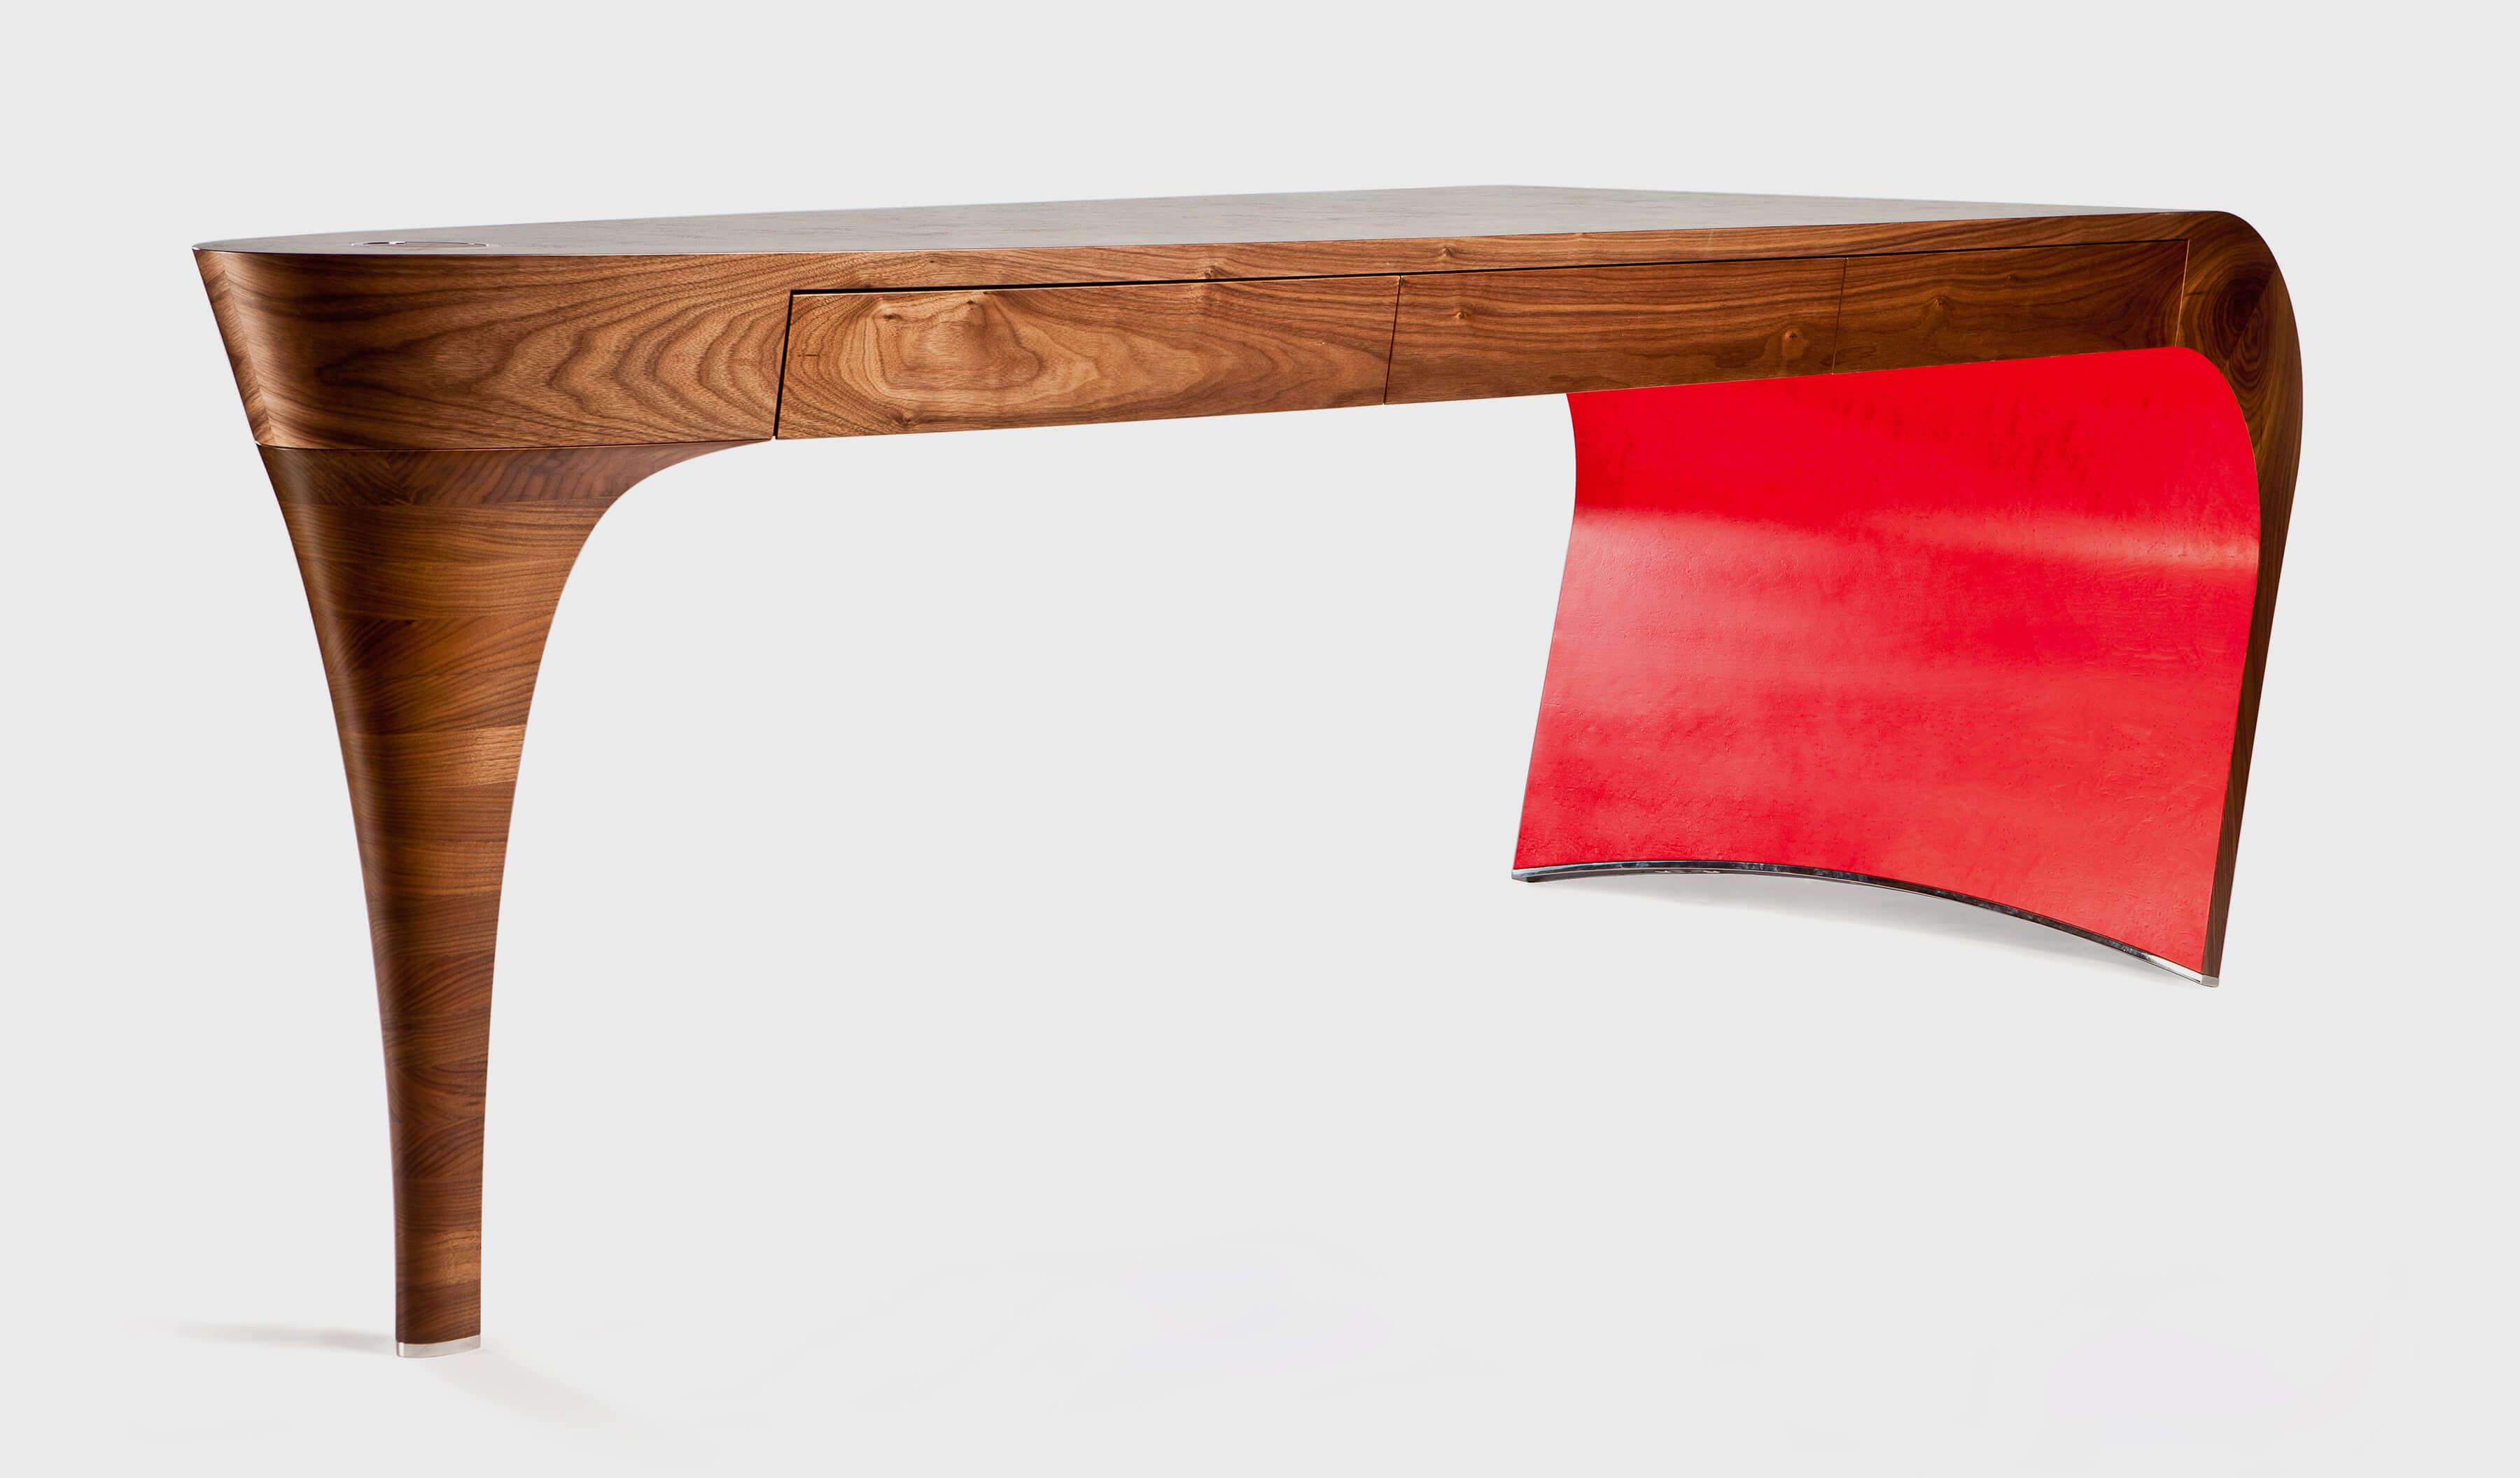 Burr veneer dressing table by Splinterworks with red underneath.